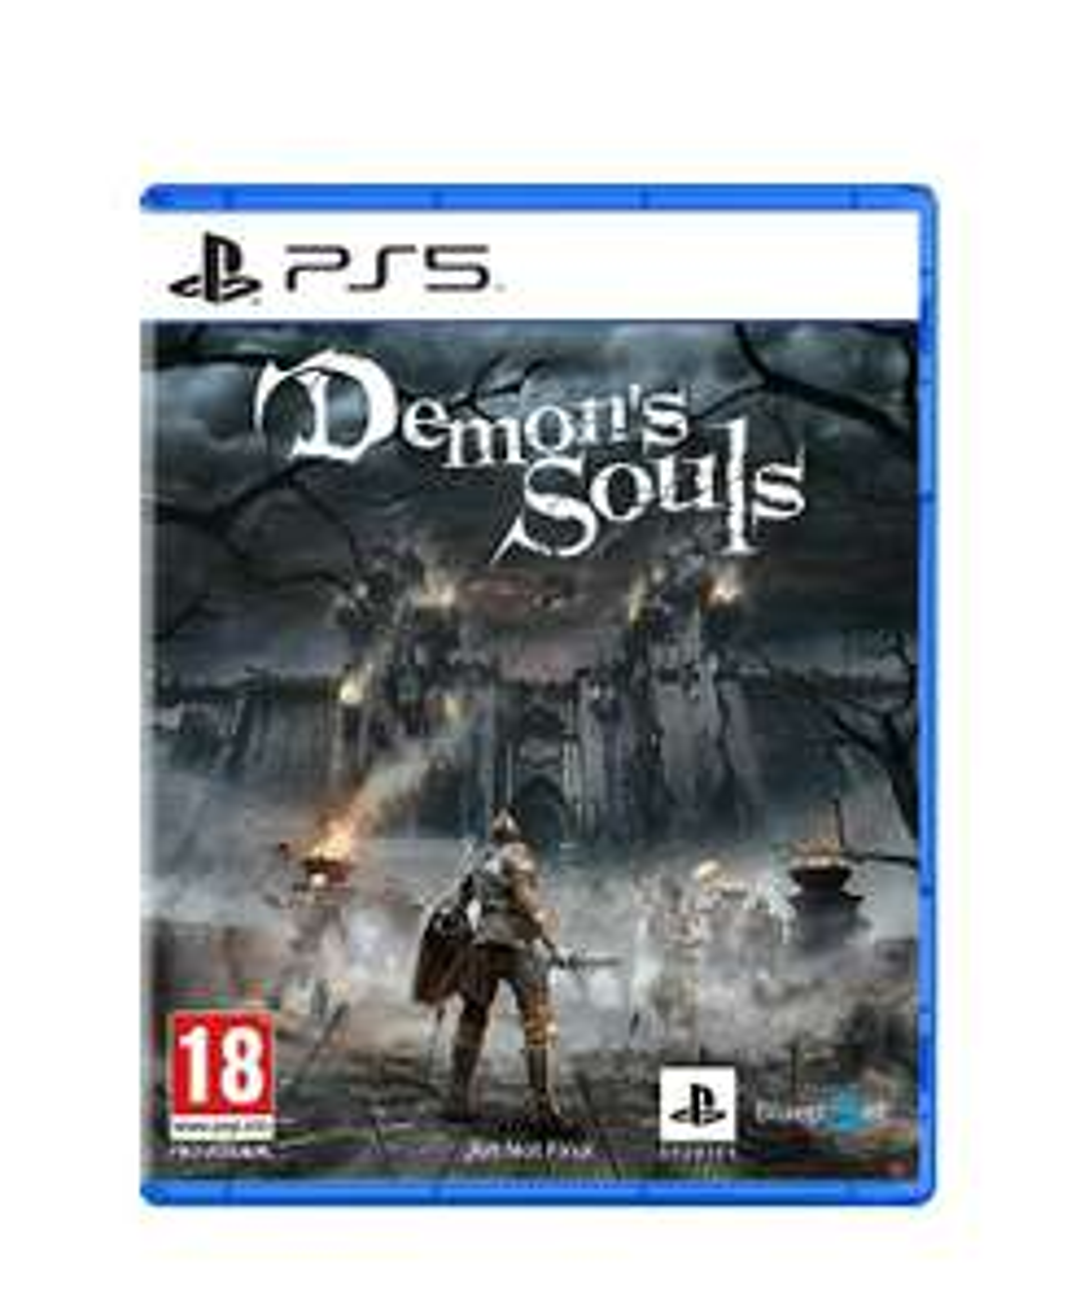 Demon's soul sur PS5